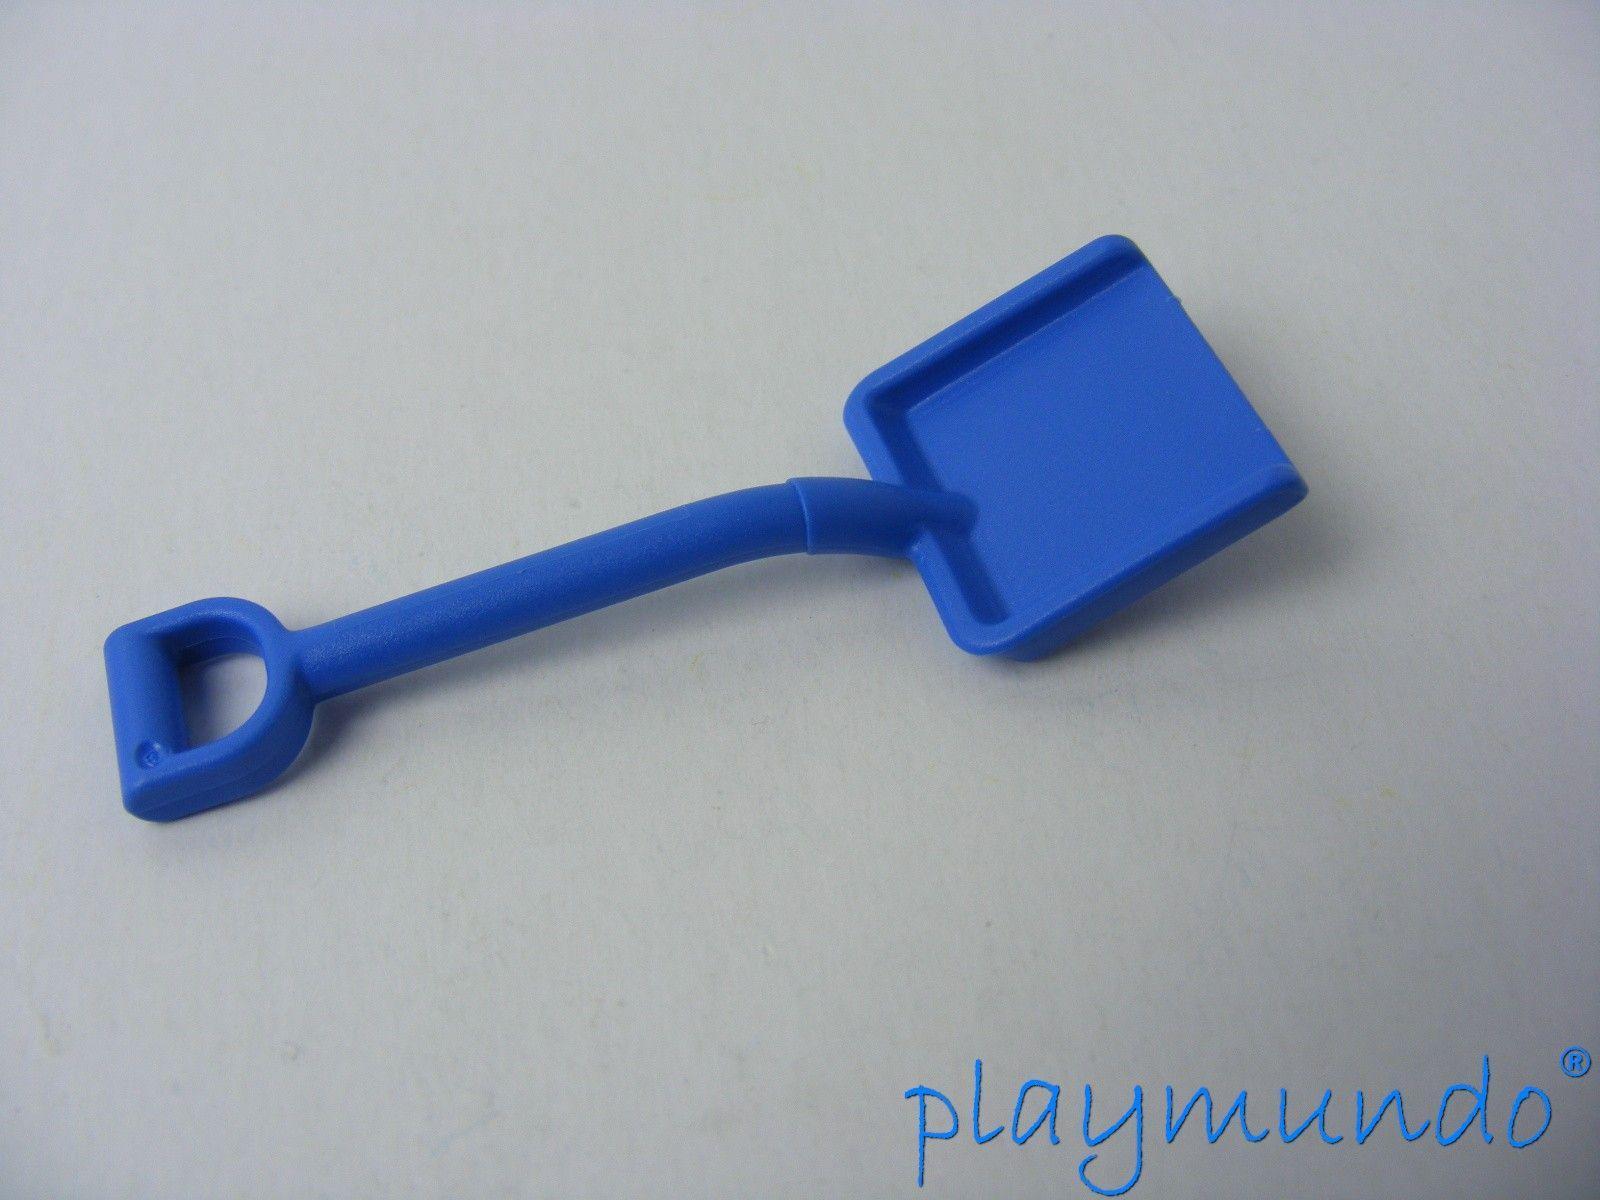 PLAYMOBIL PALA AZUL PY4760